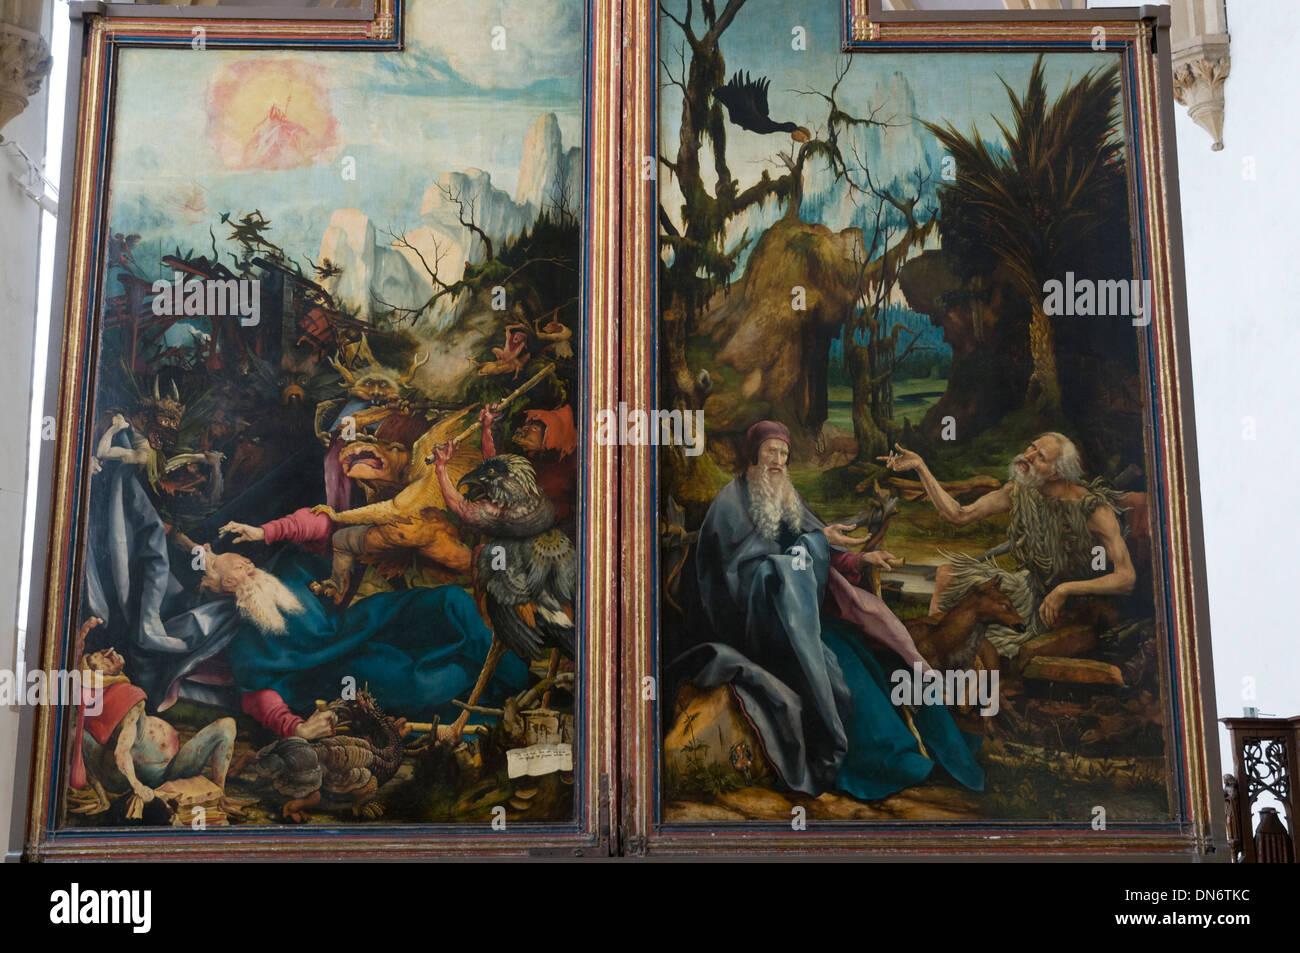 Elk213-2912 France, Alsace, Colmar, Unterlinden Museum, altar retable - Stock Image